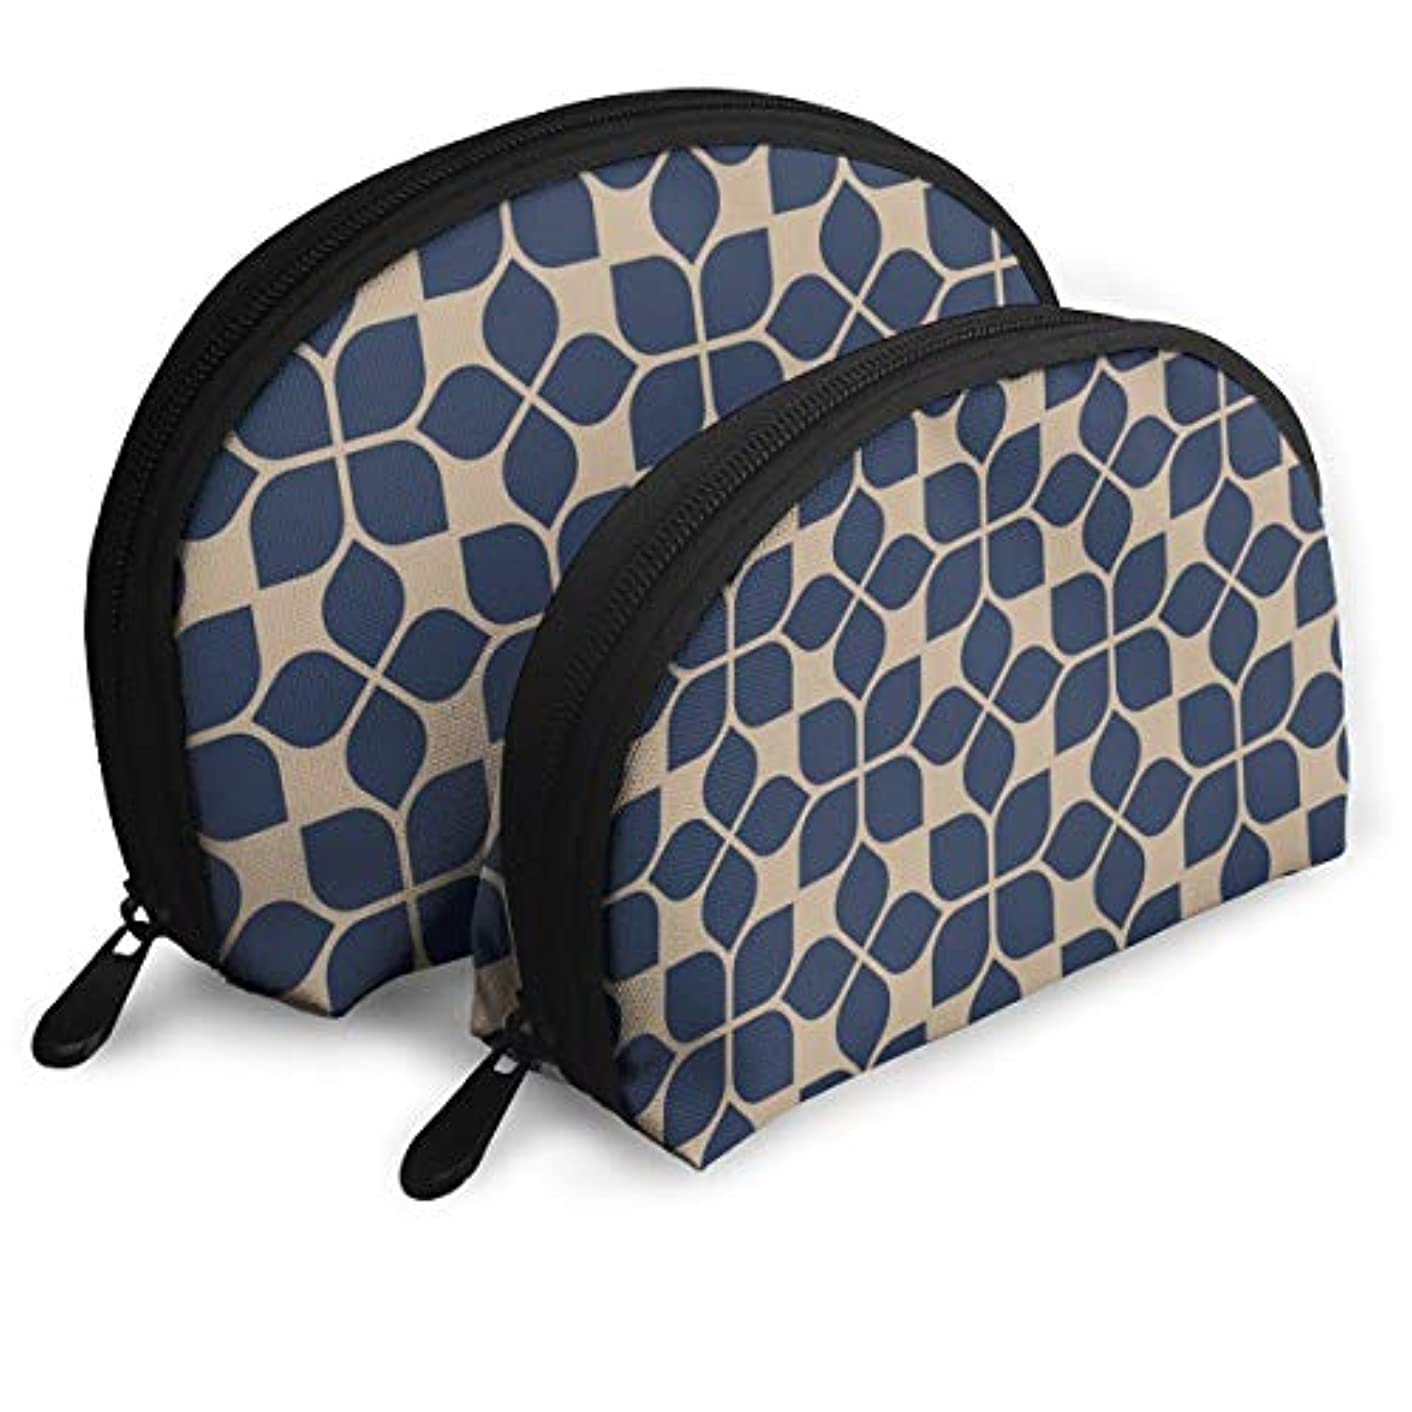 それによって常習的所得Intercoreyの革新的で膨脹可能なクッション旅行枕、首/頭のあごサポート旅行ボディ昼寝枕クッション飛行機/車/バス